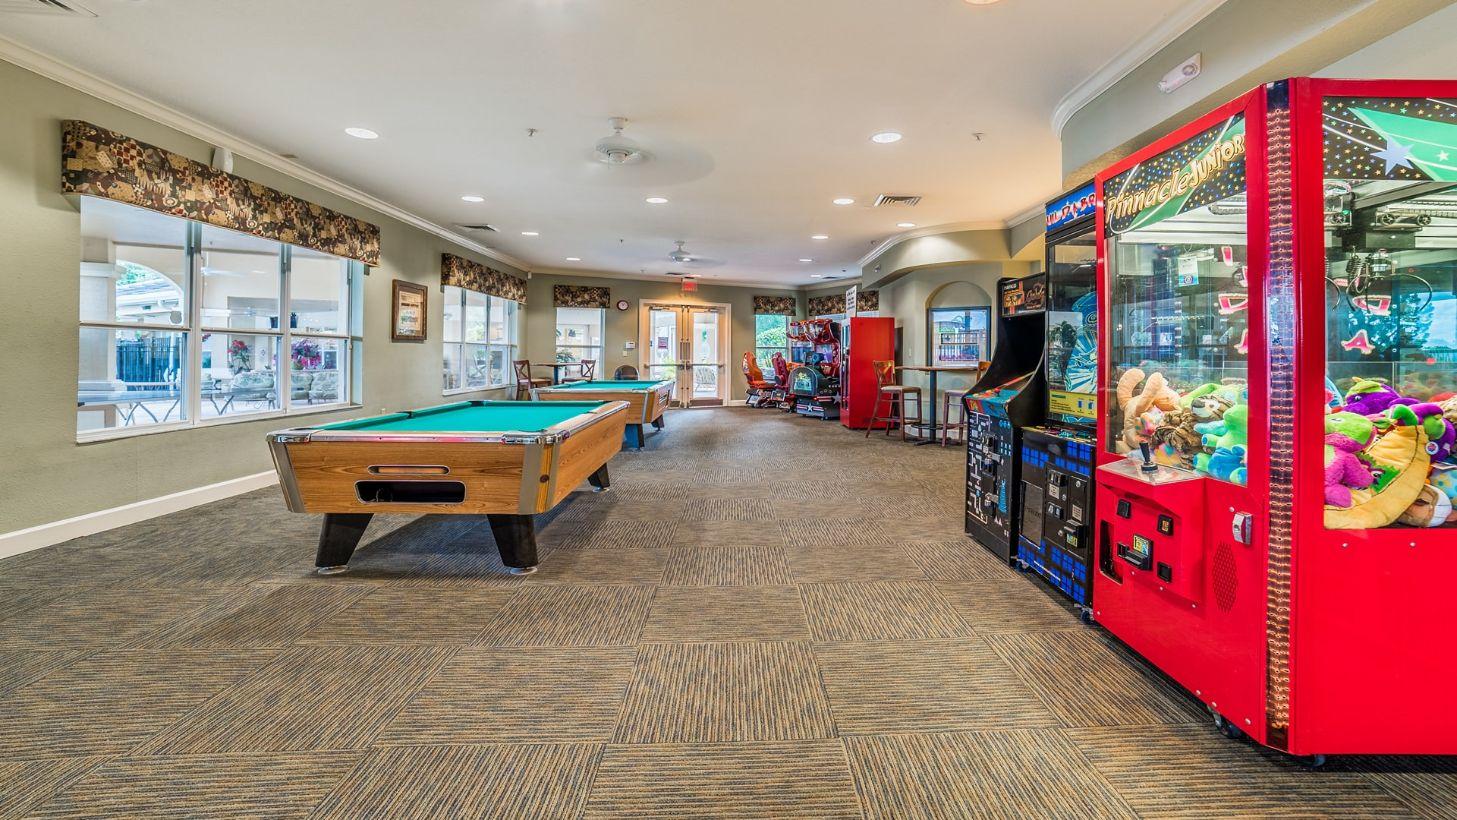 windsor hills resort indoor lounge